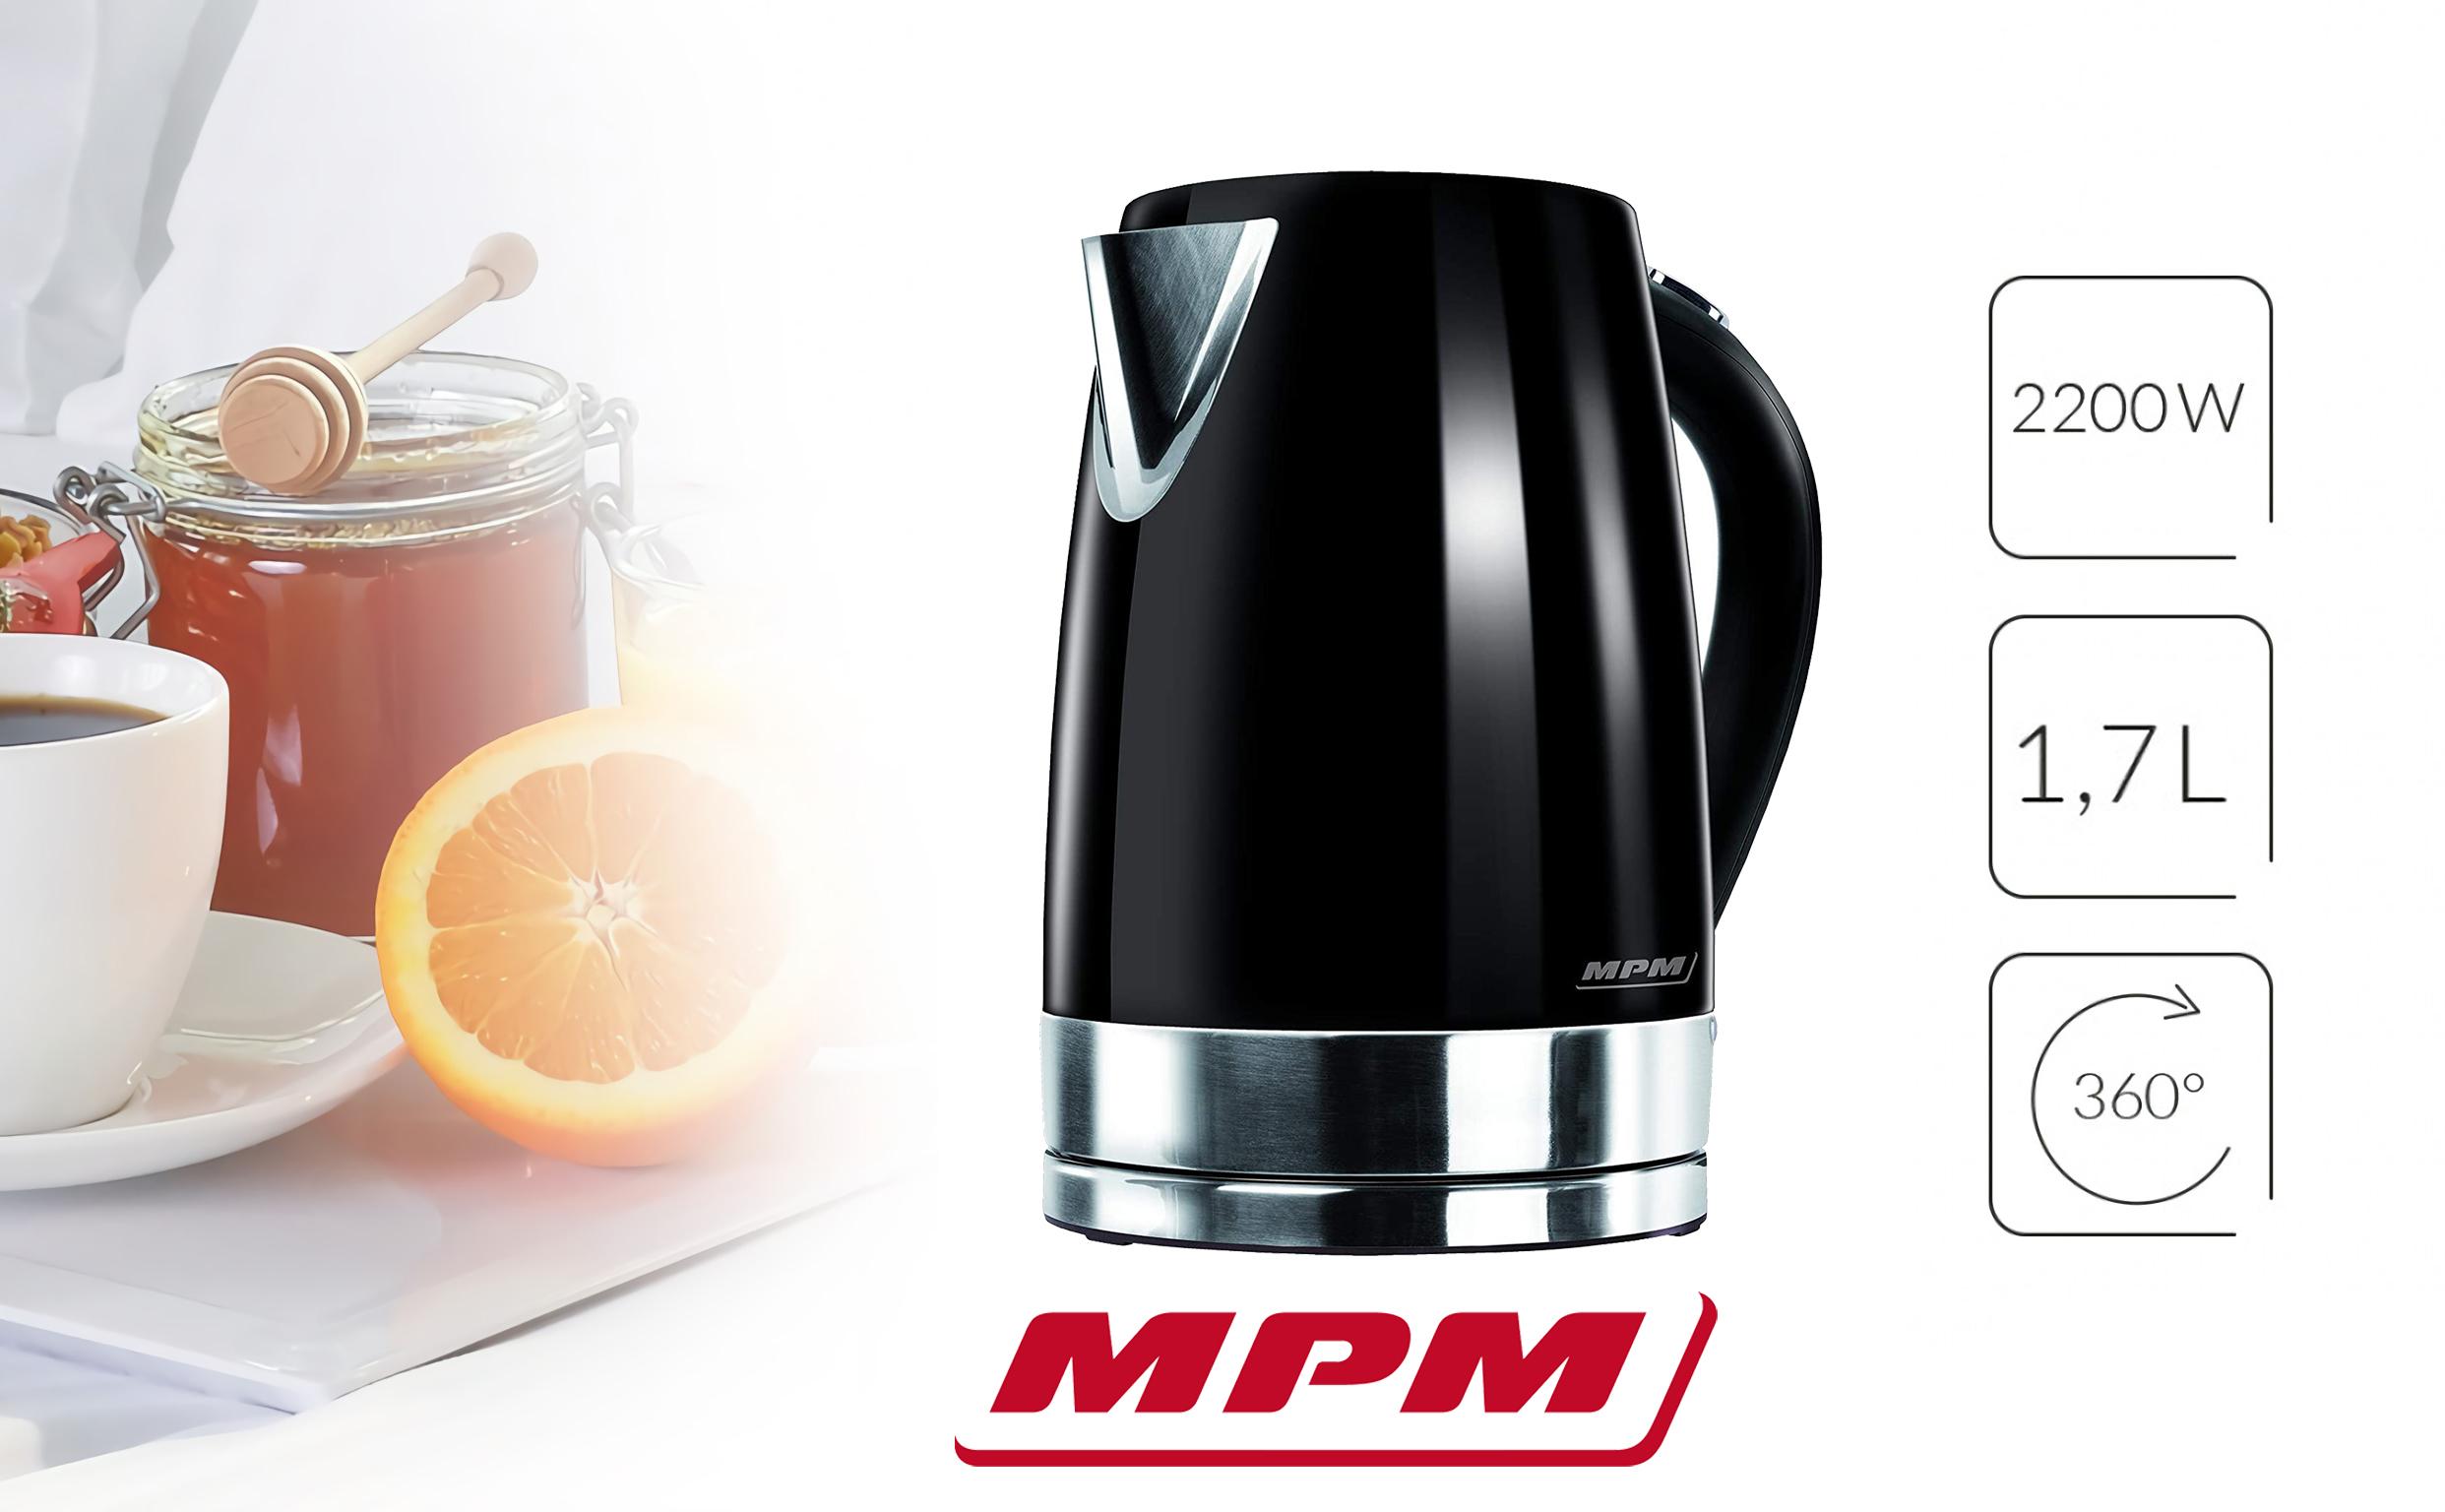 MPM MCZ-58/C Hervidor de Agua Eléctrico Inalámbrico de Acero Inoxidable, 1,7 Litros, 2200W, Libre de BPA